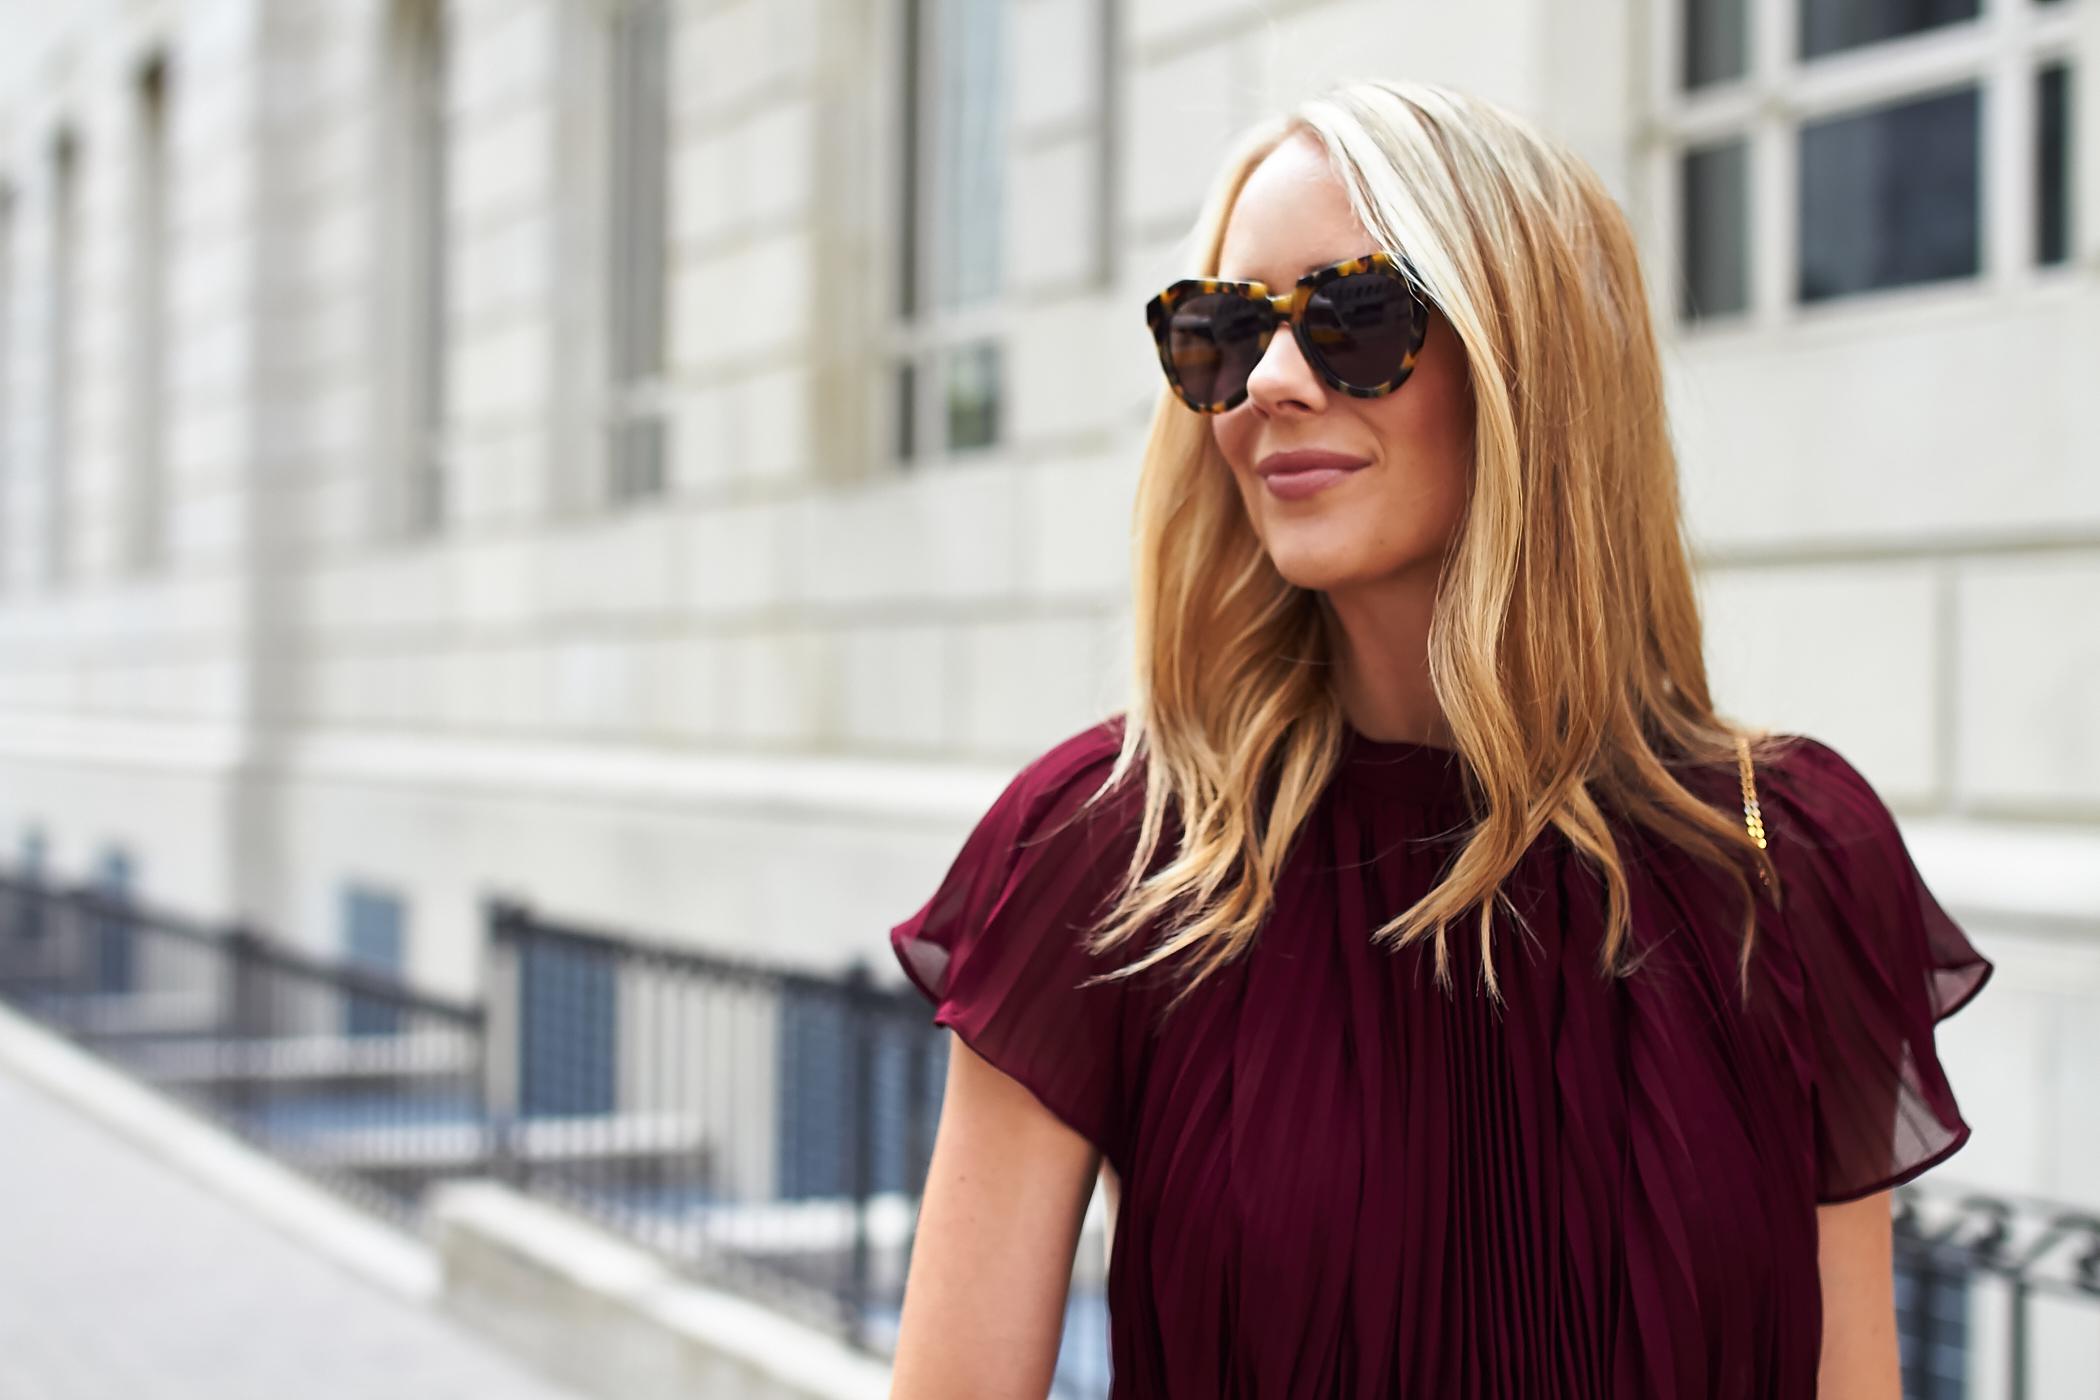 fashion-jackson-karen-walker-number-one-sunglasses